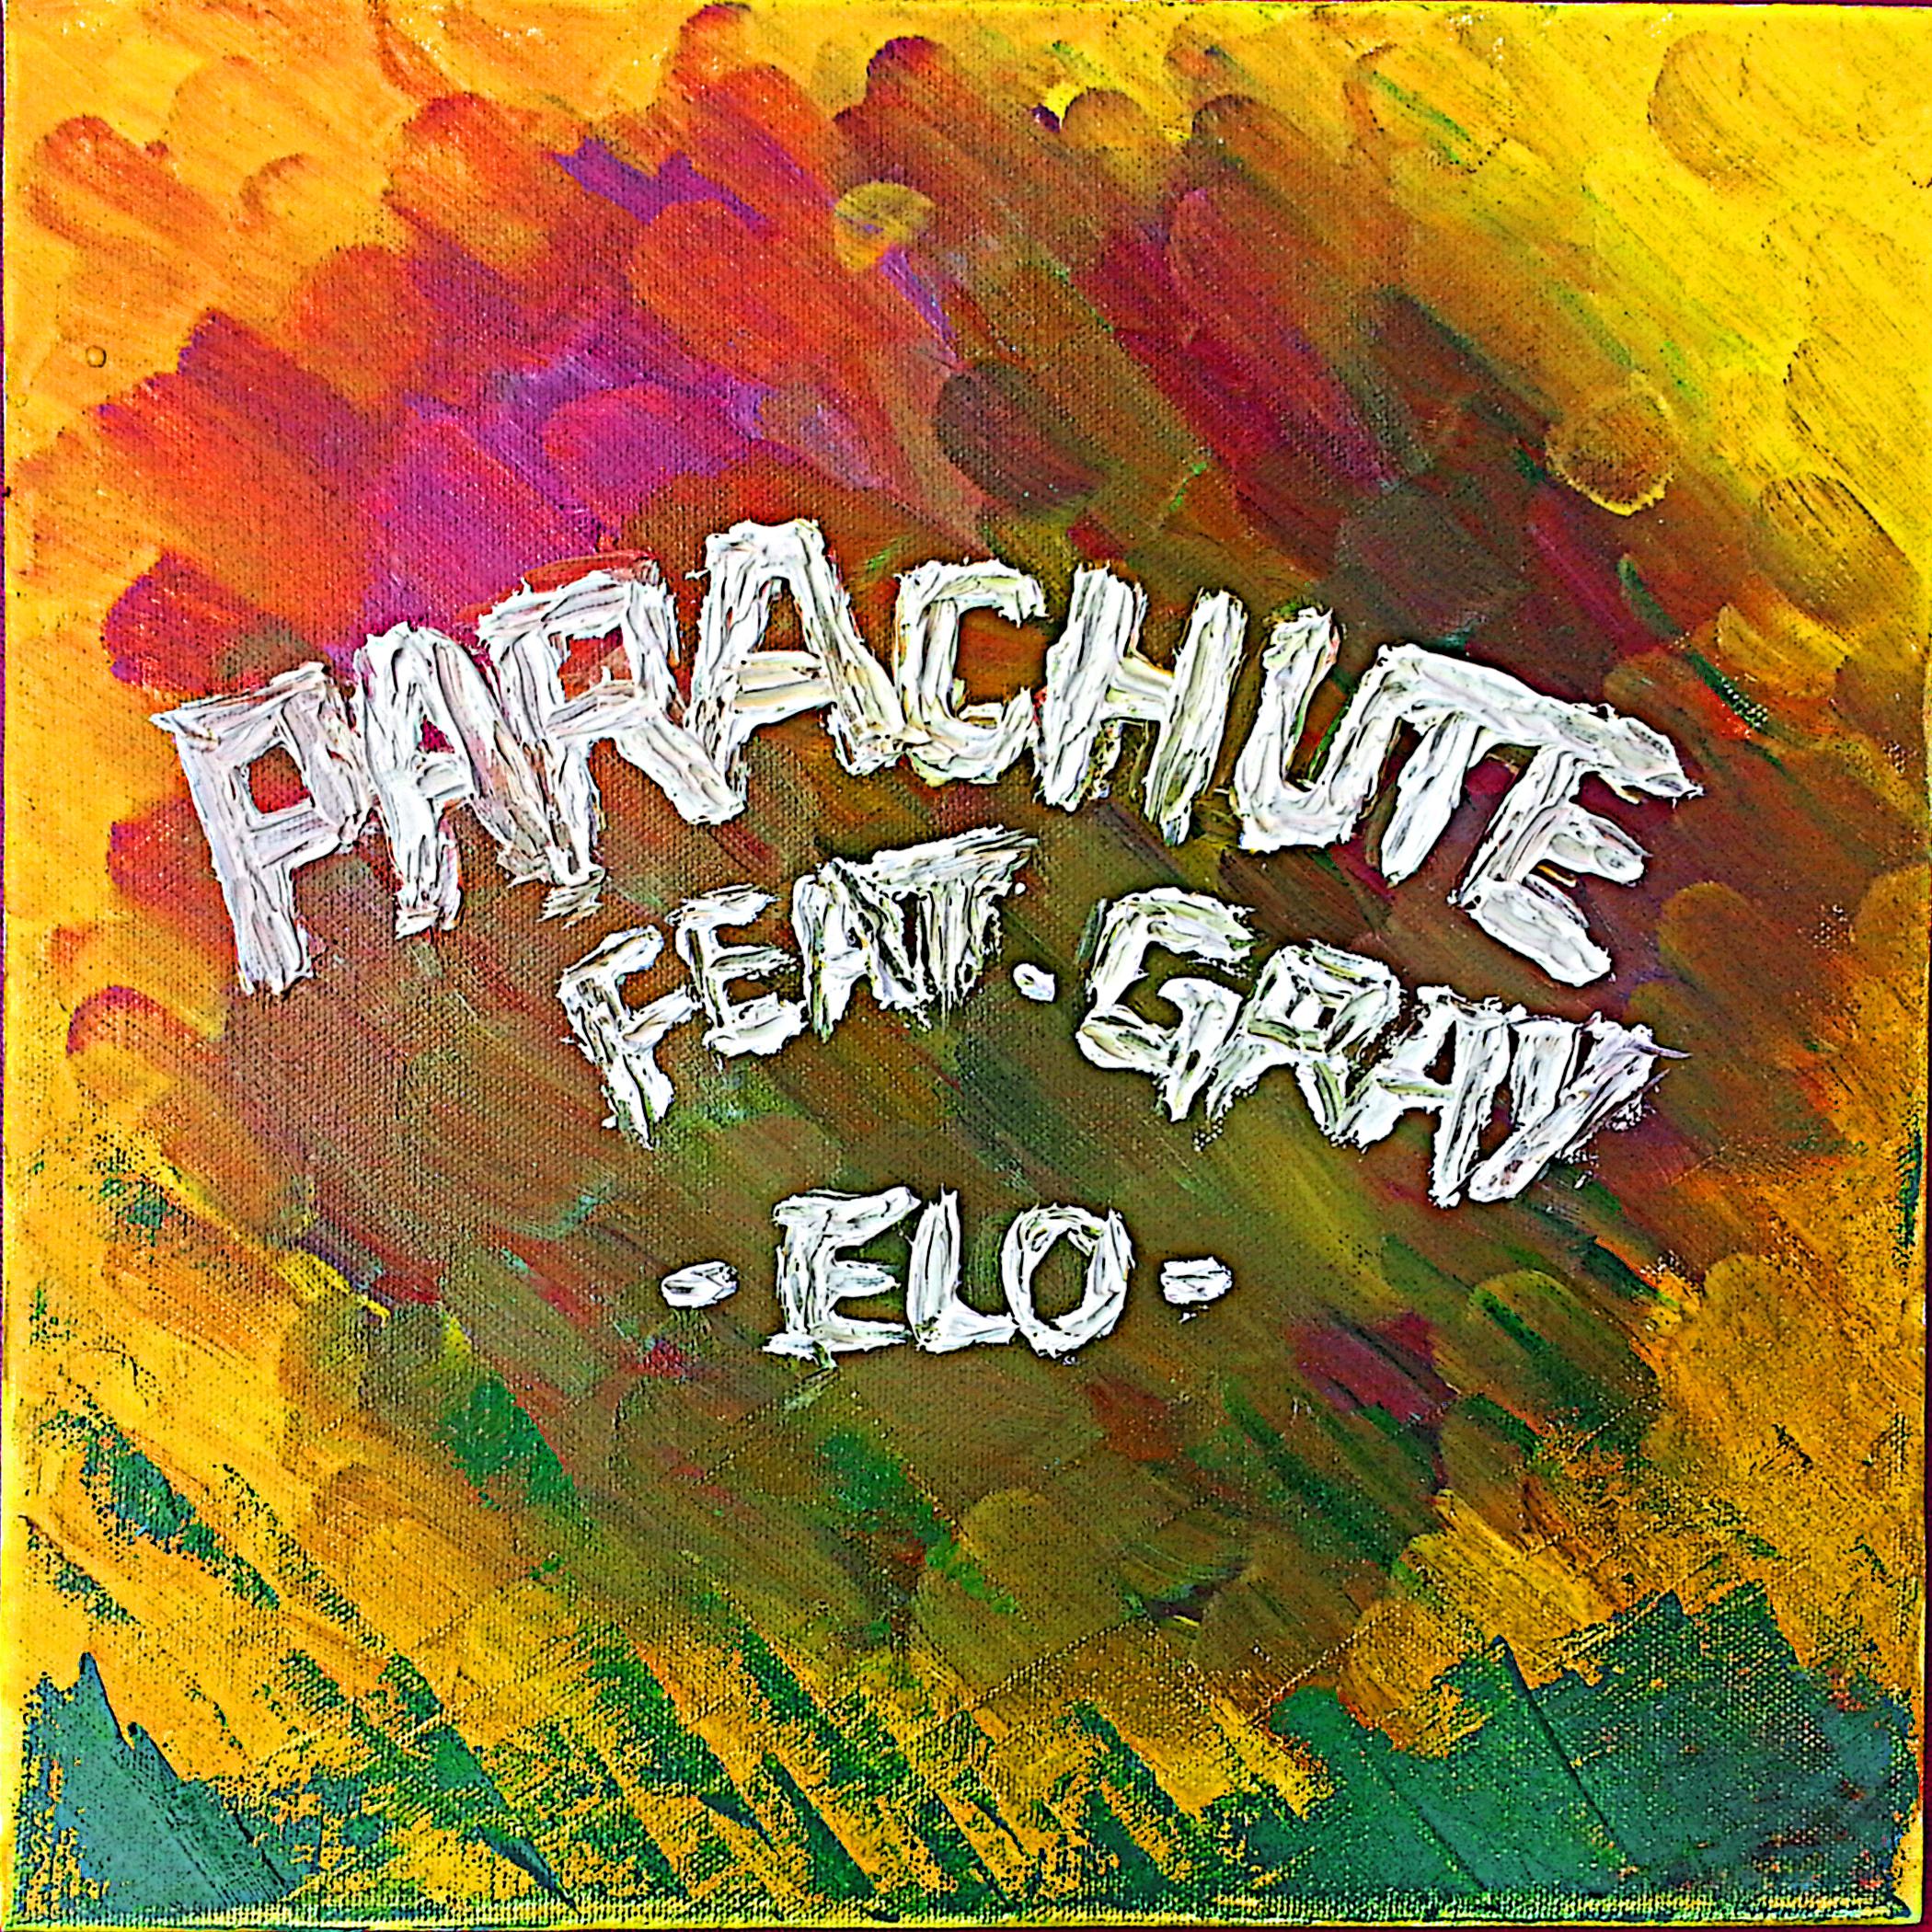 Elo discography kpopinfo114 album art for elos album parachute solutioingenieria Gallery